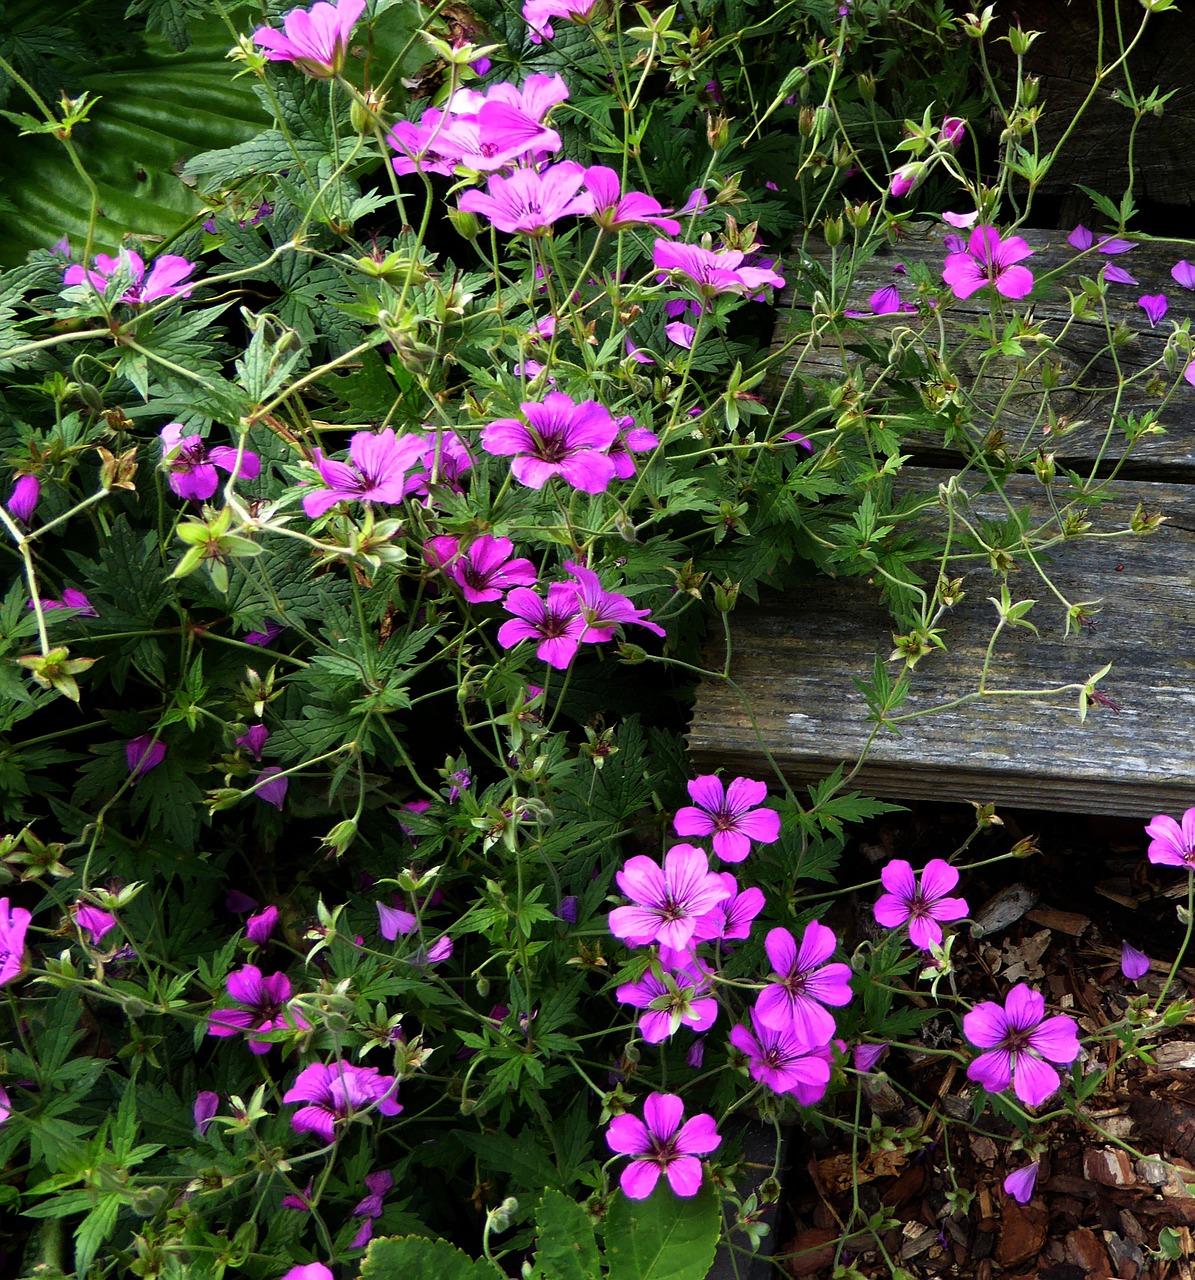 Small Flowerspurplepinknaturegarden Plants Free Photo From